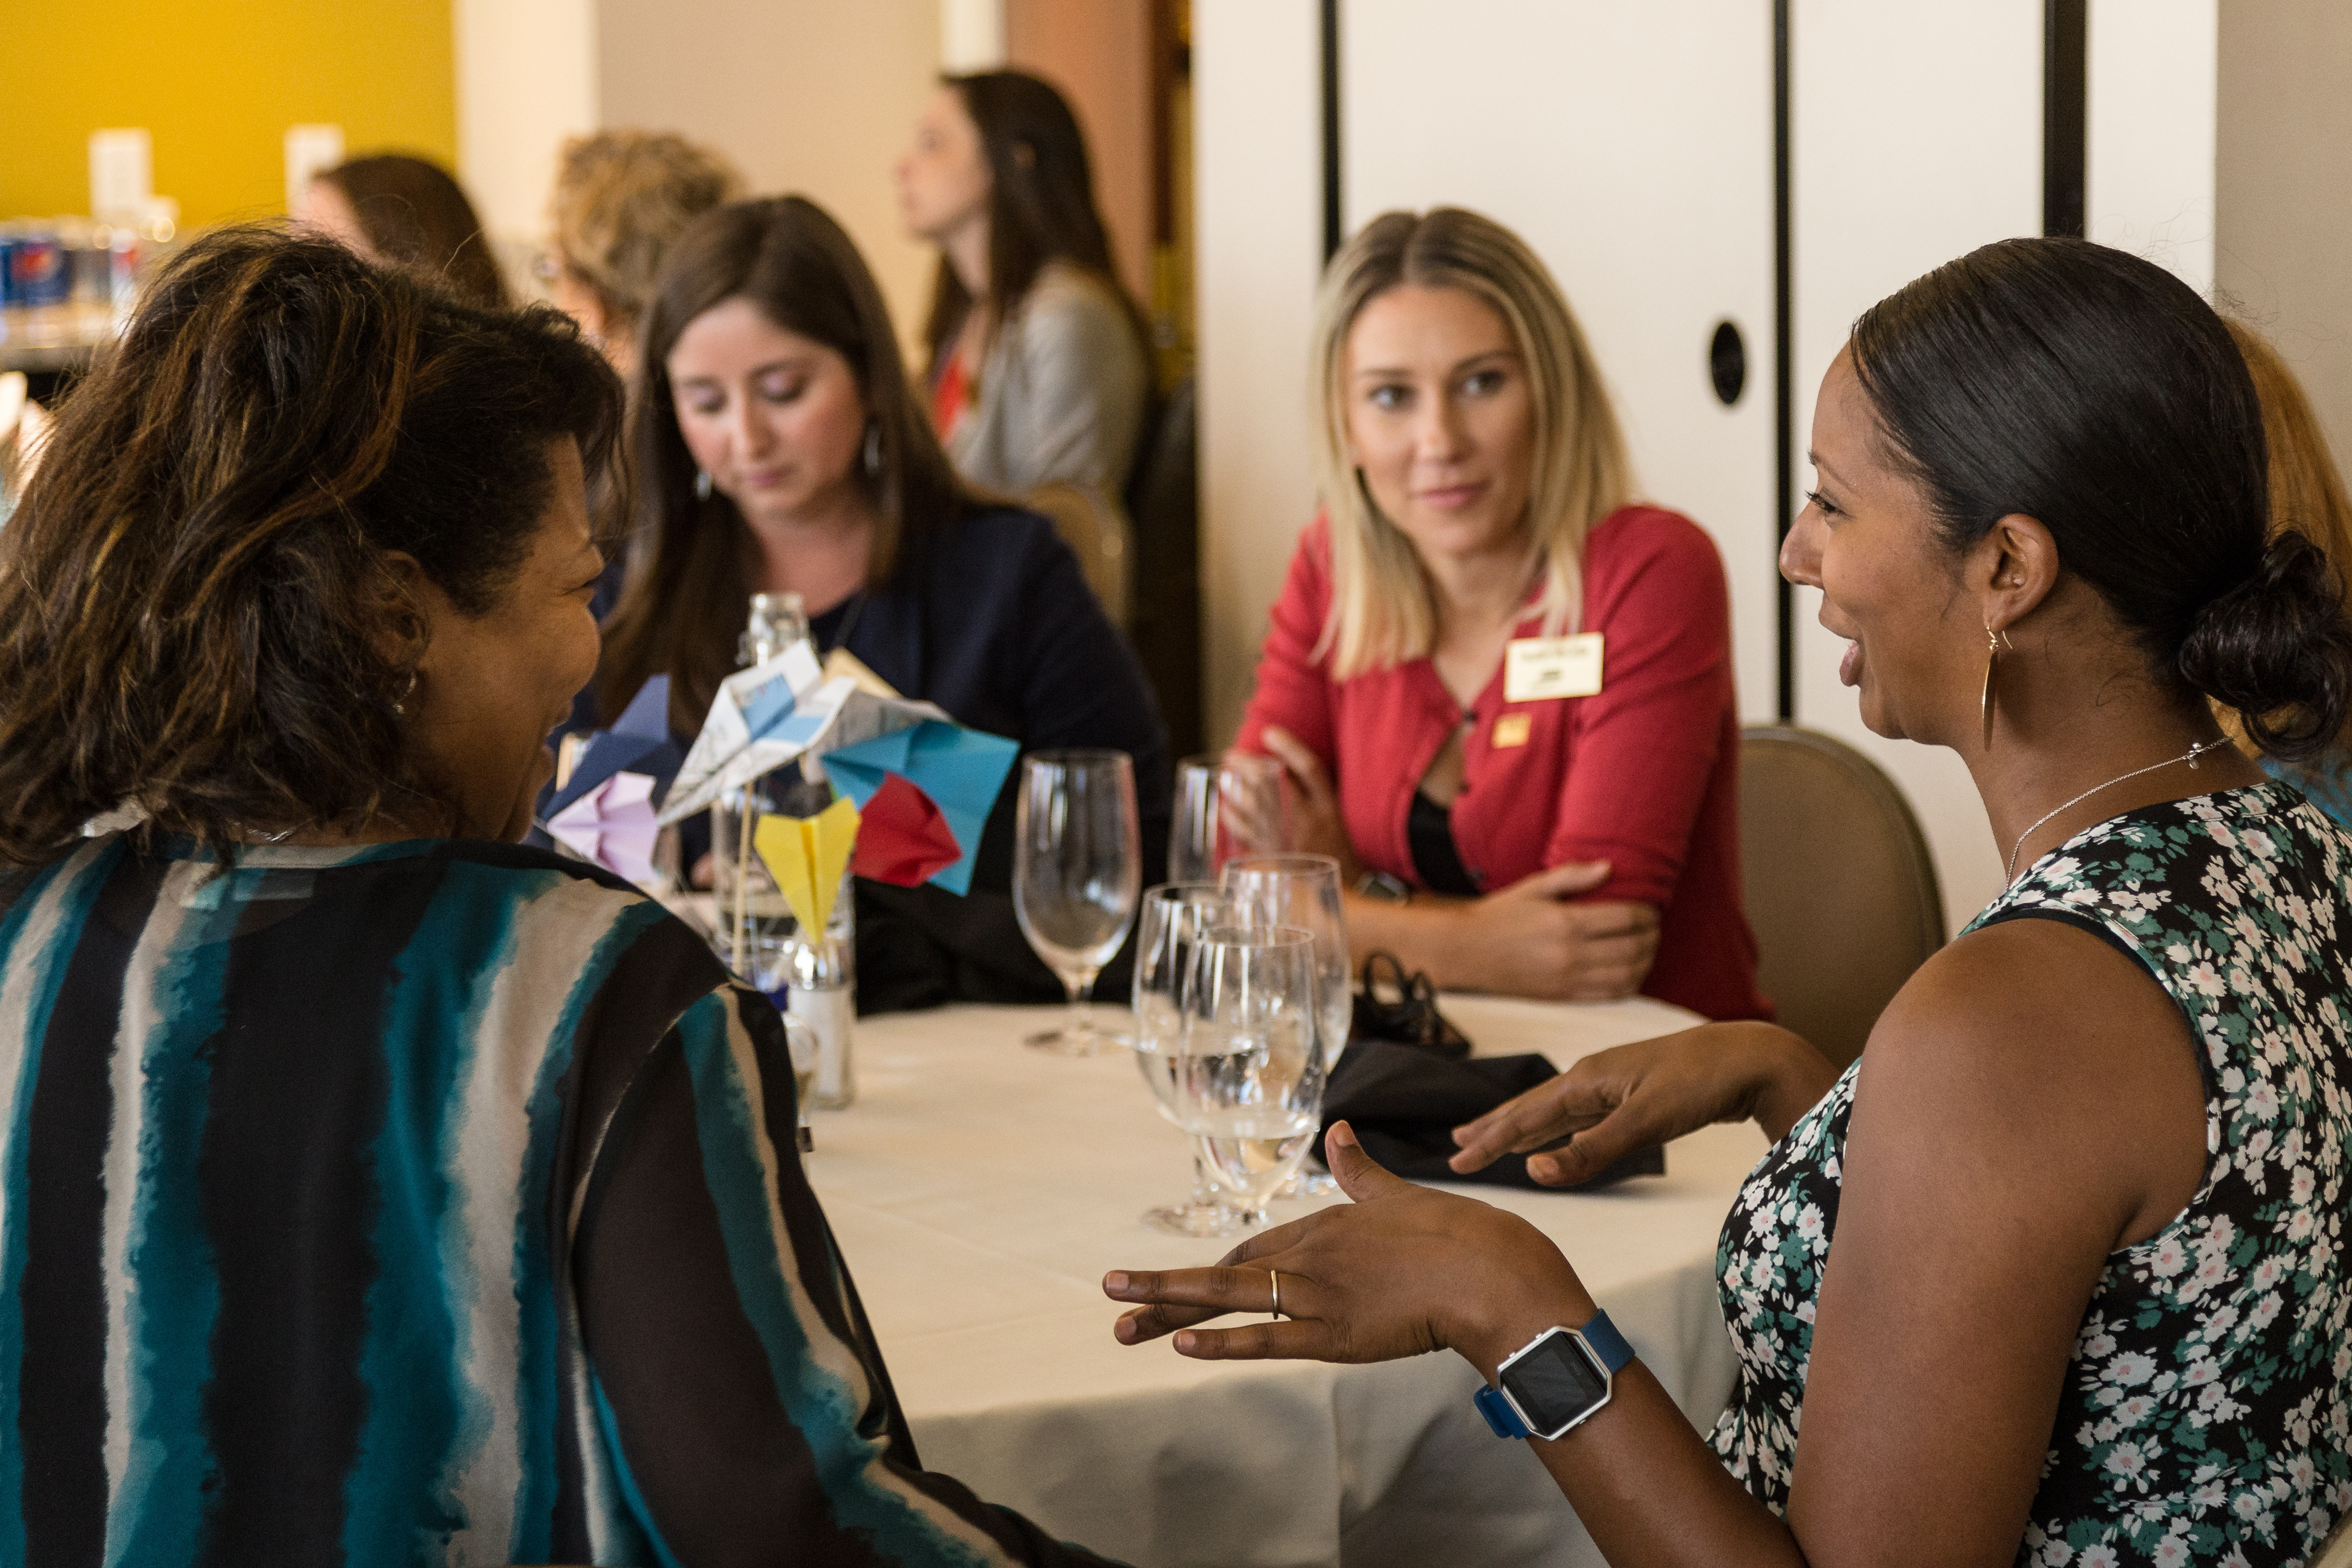 Women-in-Aviation-discuss-career-challenges-opportunities-pilkinton-burns-mcdonnell-313